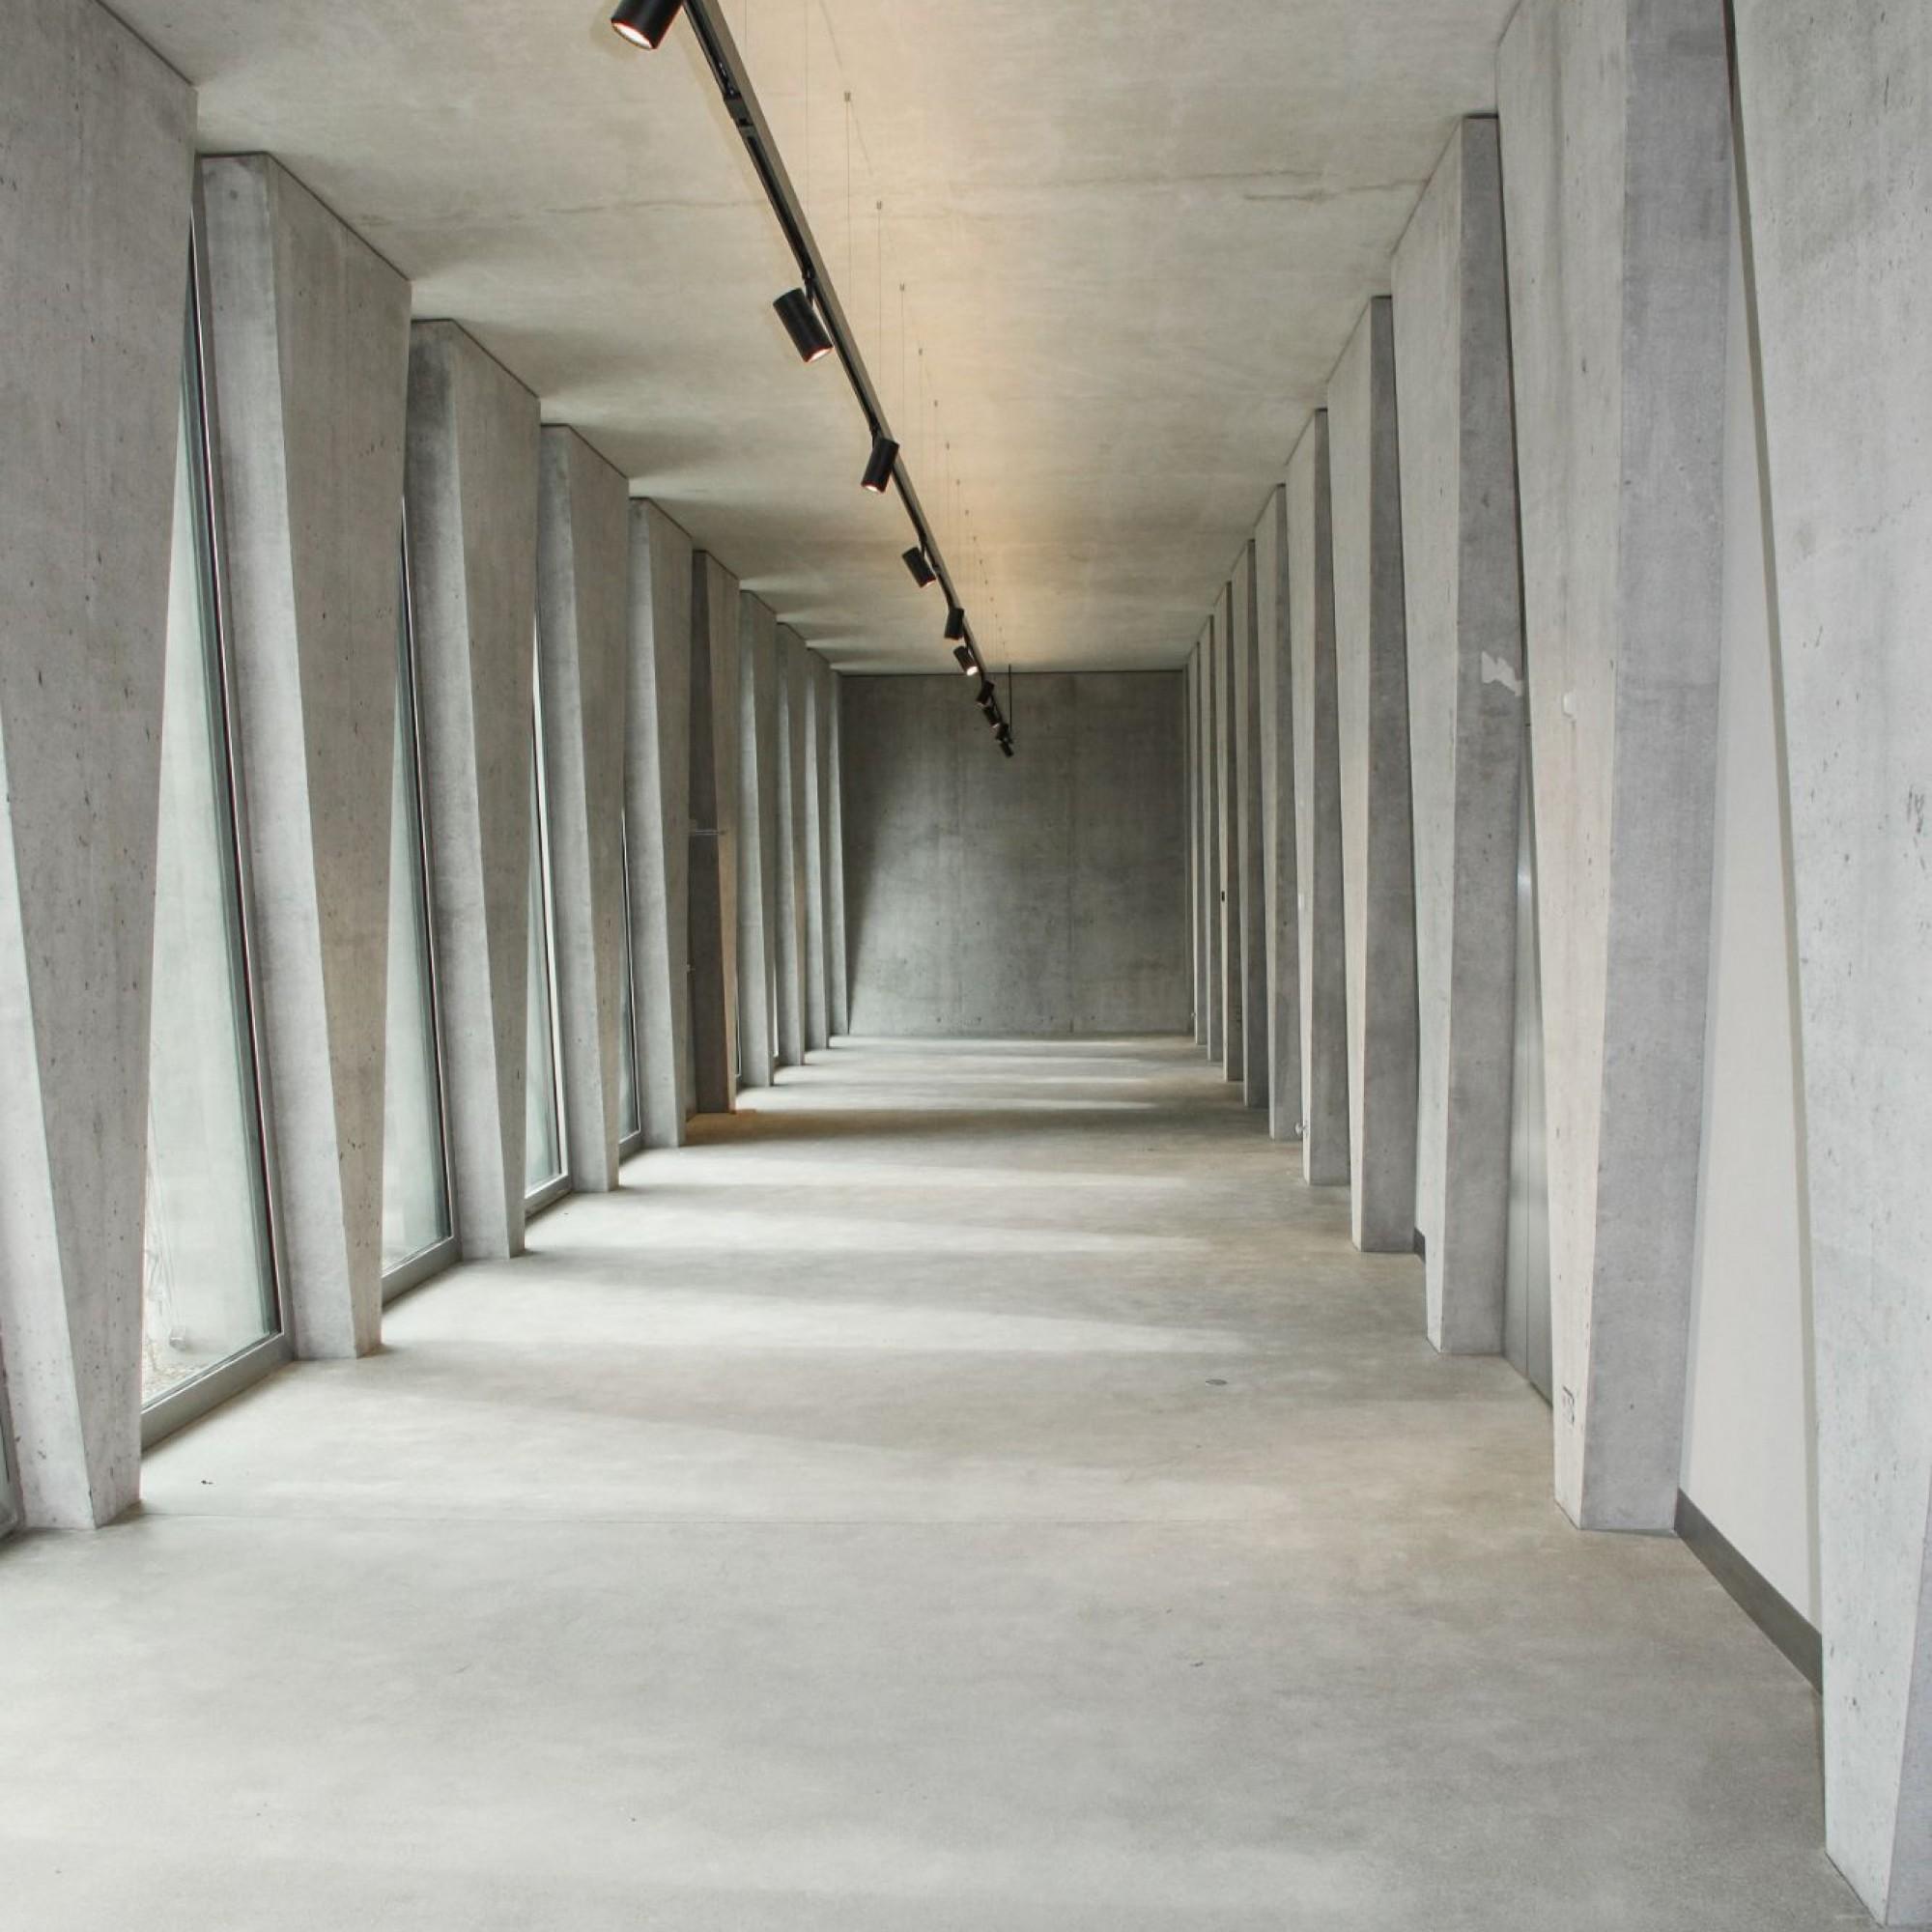 Dämmbeton beim neuen Tanzhaus in der Stadt Zürich: Bei diesem Zweckbau im Minergie-EcoStandard dient die Aussenwand aus Leichtbeton mit dem Zusatzstoff Blähton als Wärmedämmung.